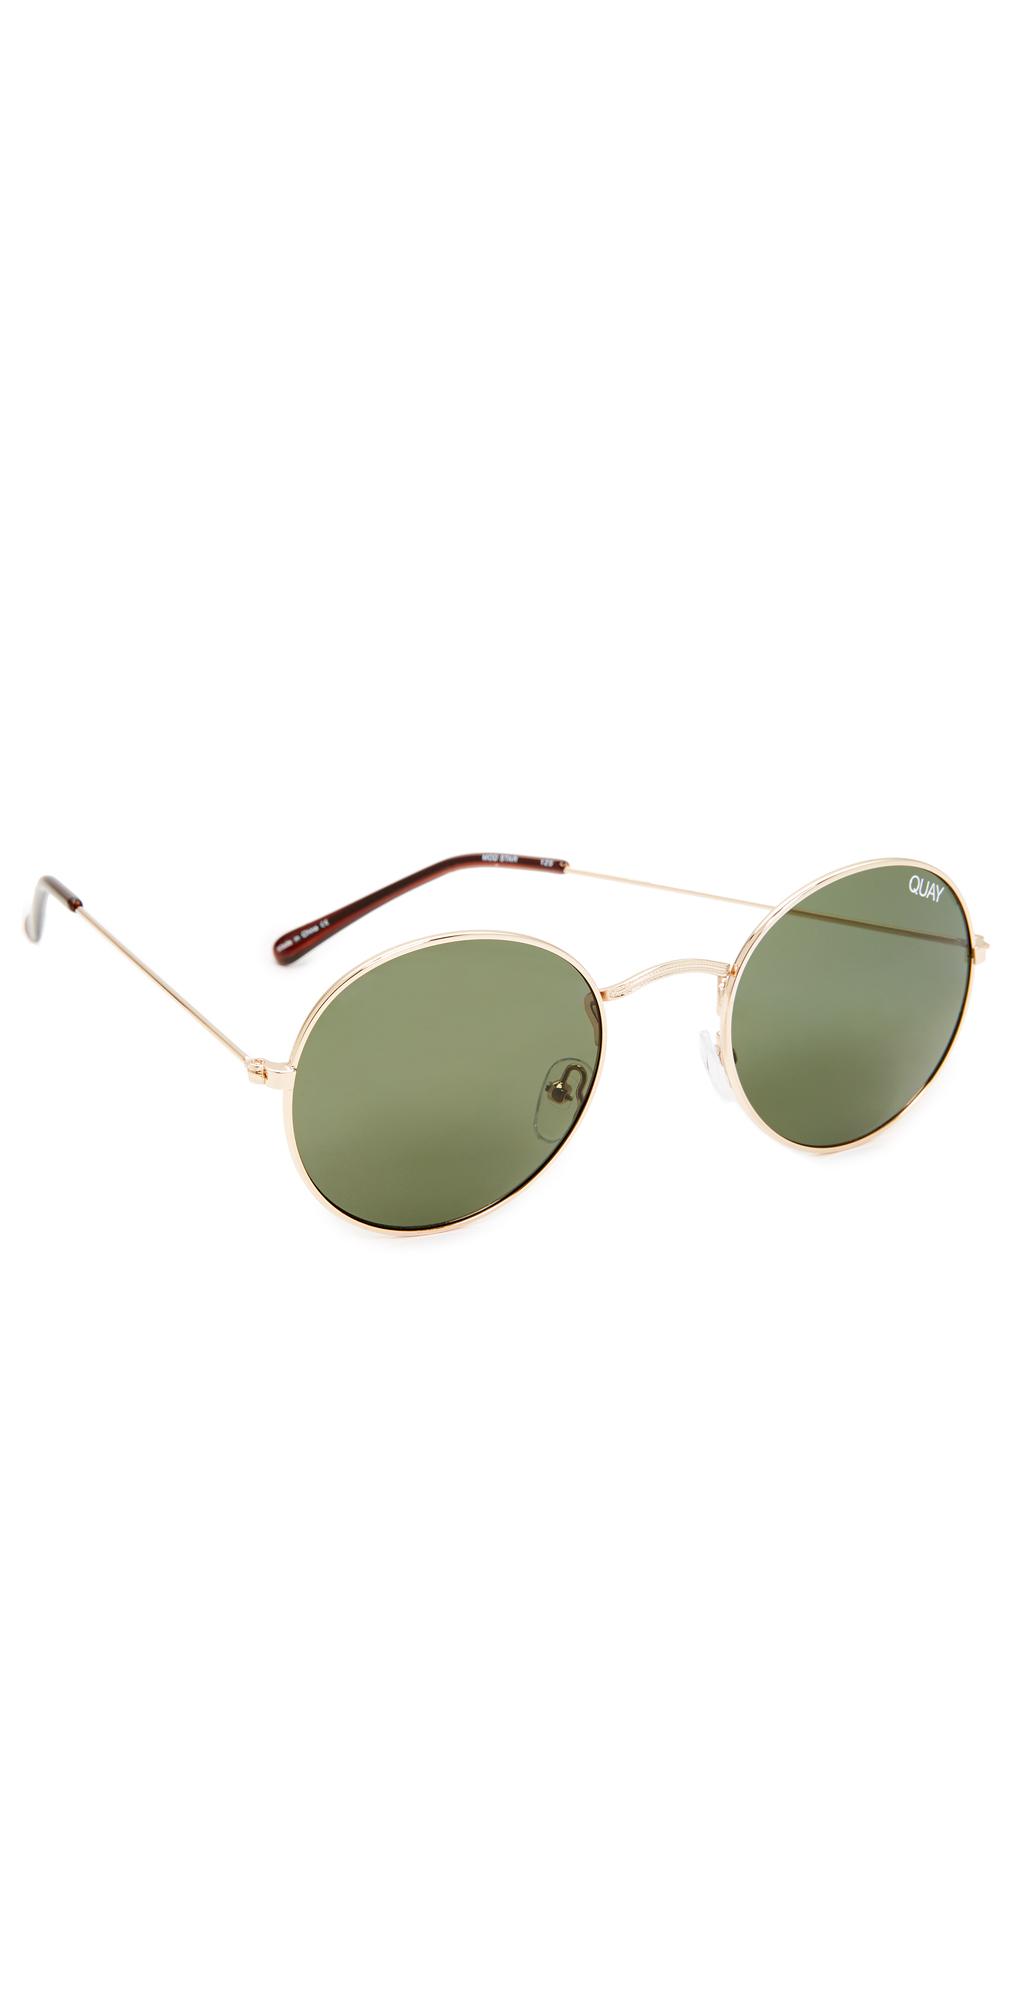 Mod Star Sunglasses Quay